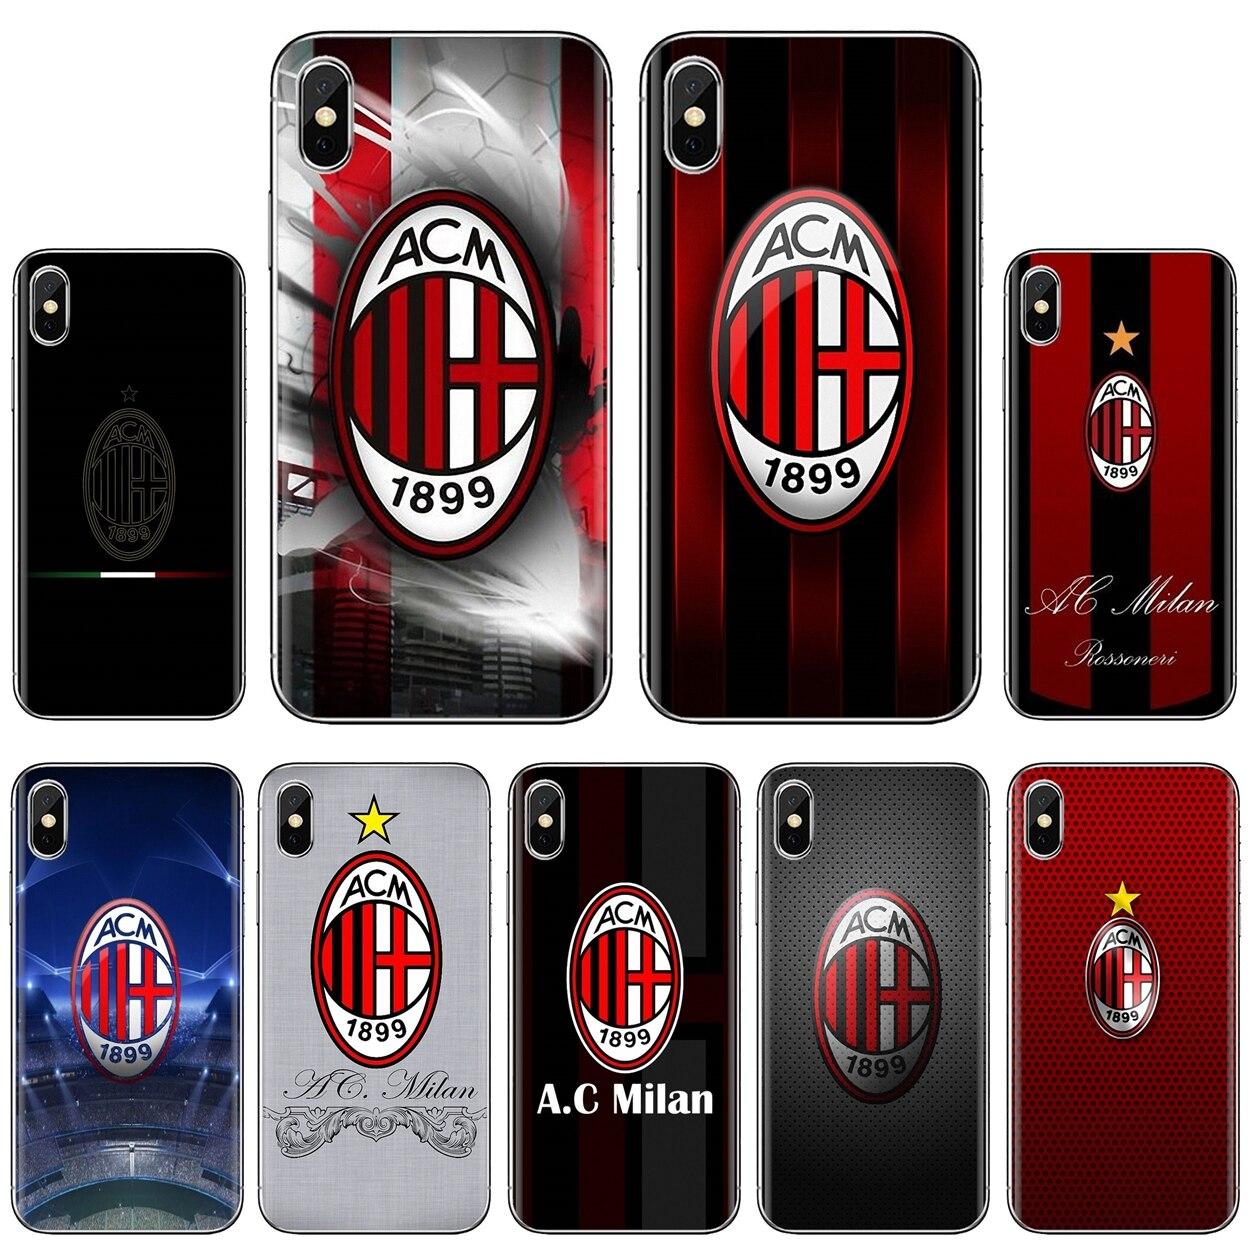 AC Milan FC Associazione Calcio Milan Für Xiaomi Mi A1 A2 A3 5X 6X 8 9 9t Lite SE pro Mi Max Mix 1 2 3 2S Silikon Telefon Fall